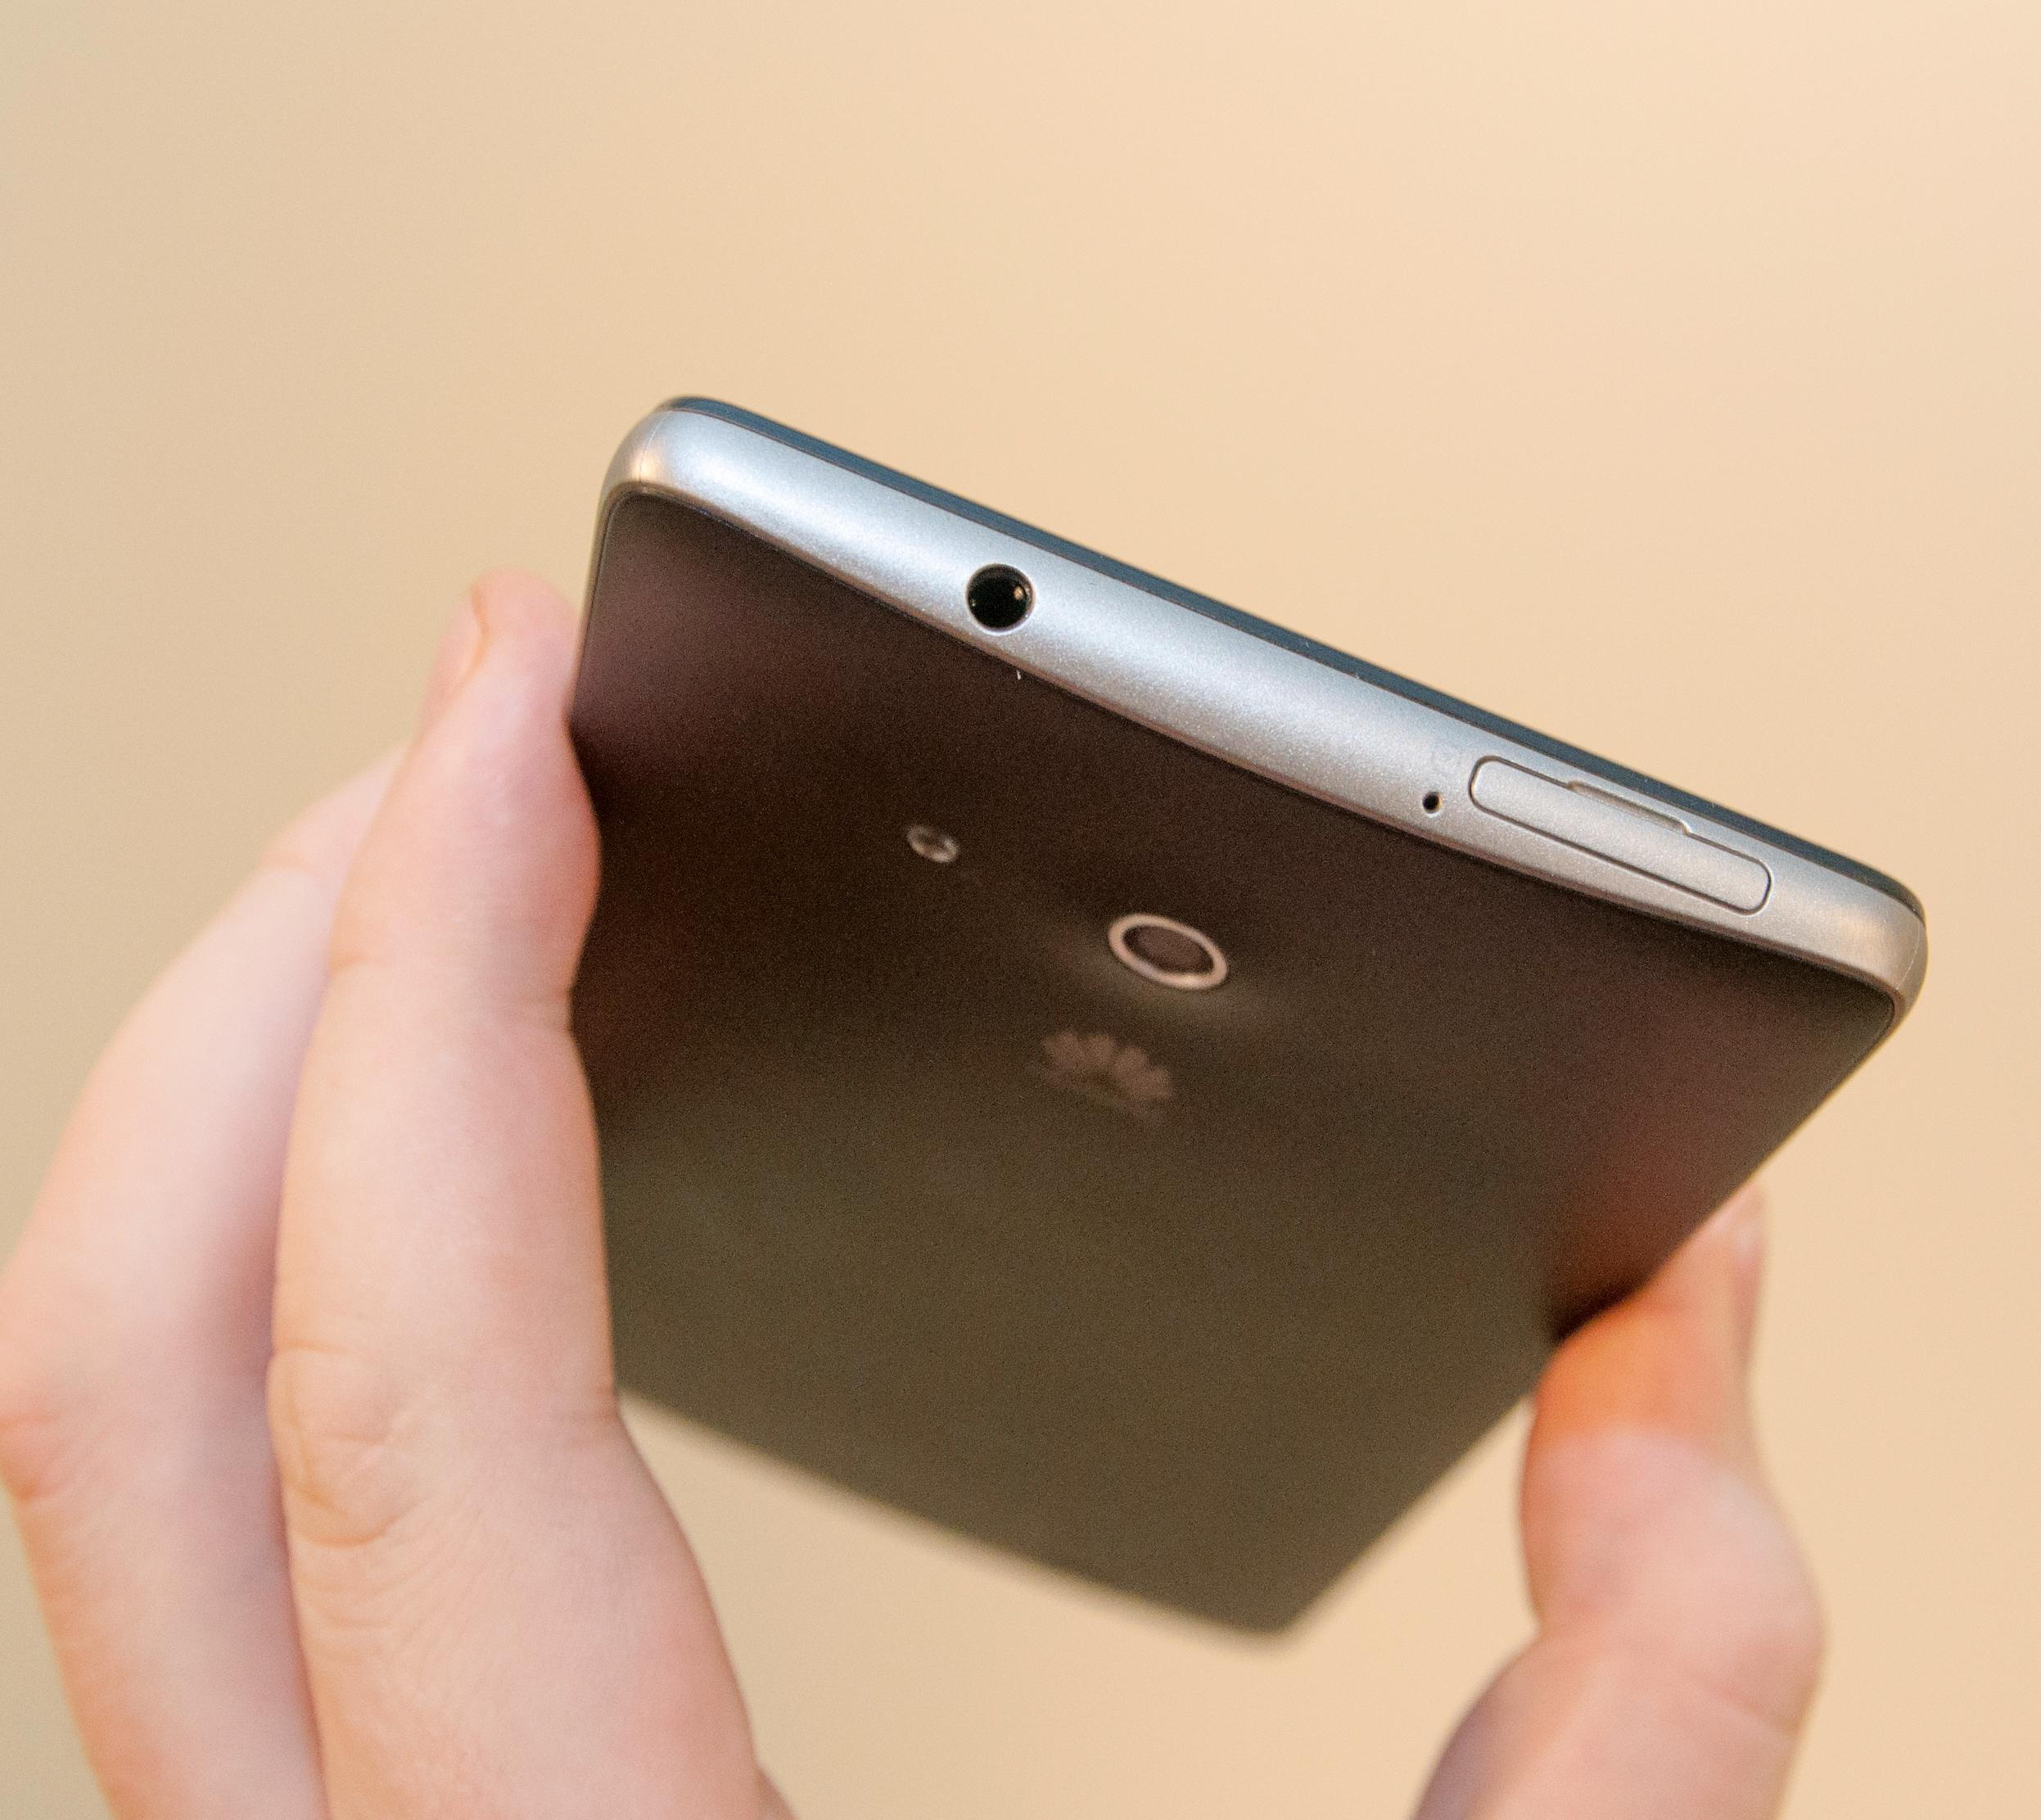 ... og minnekortet settes inn under en luke på toppen av telefonen.Foto: Finn Jarle Kvalheim, Amobil.no